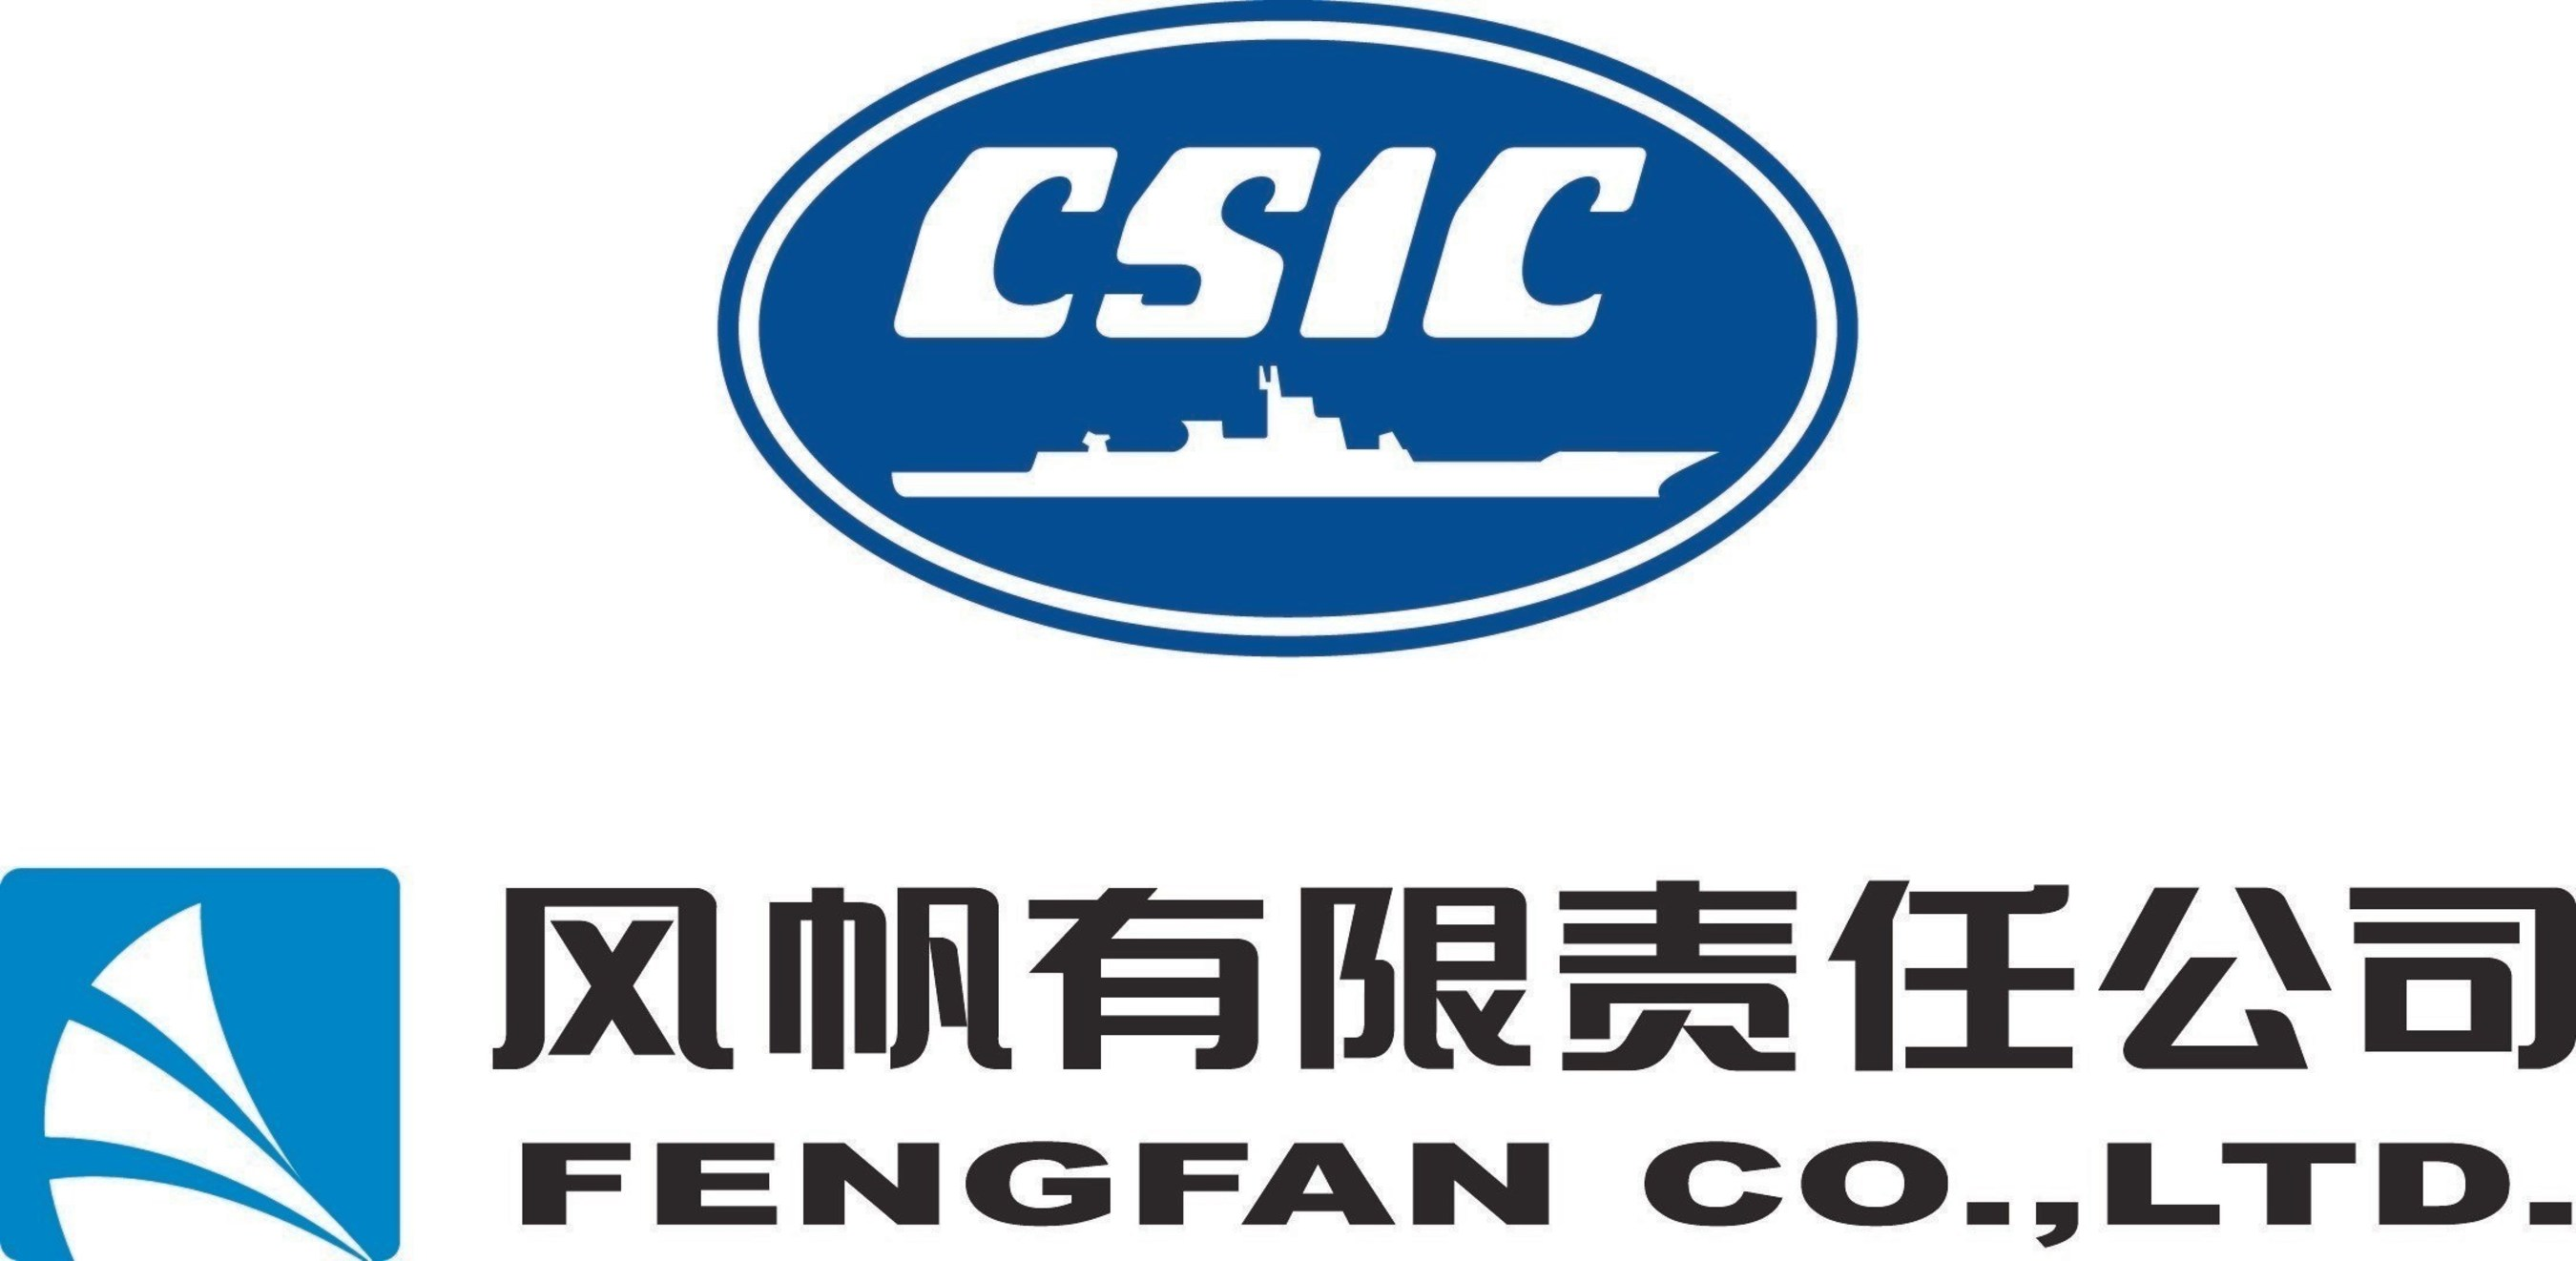 Fengfan Co., Ltd.